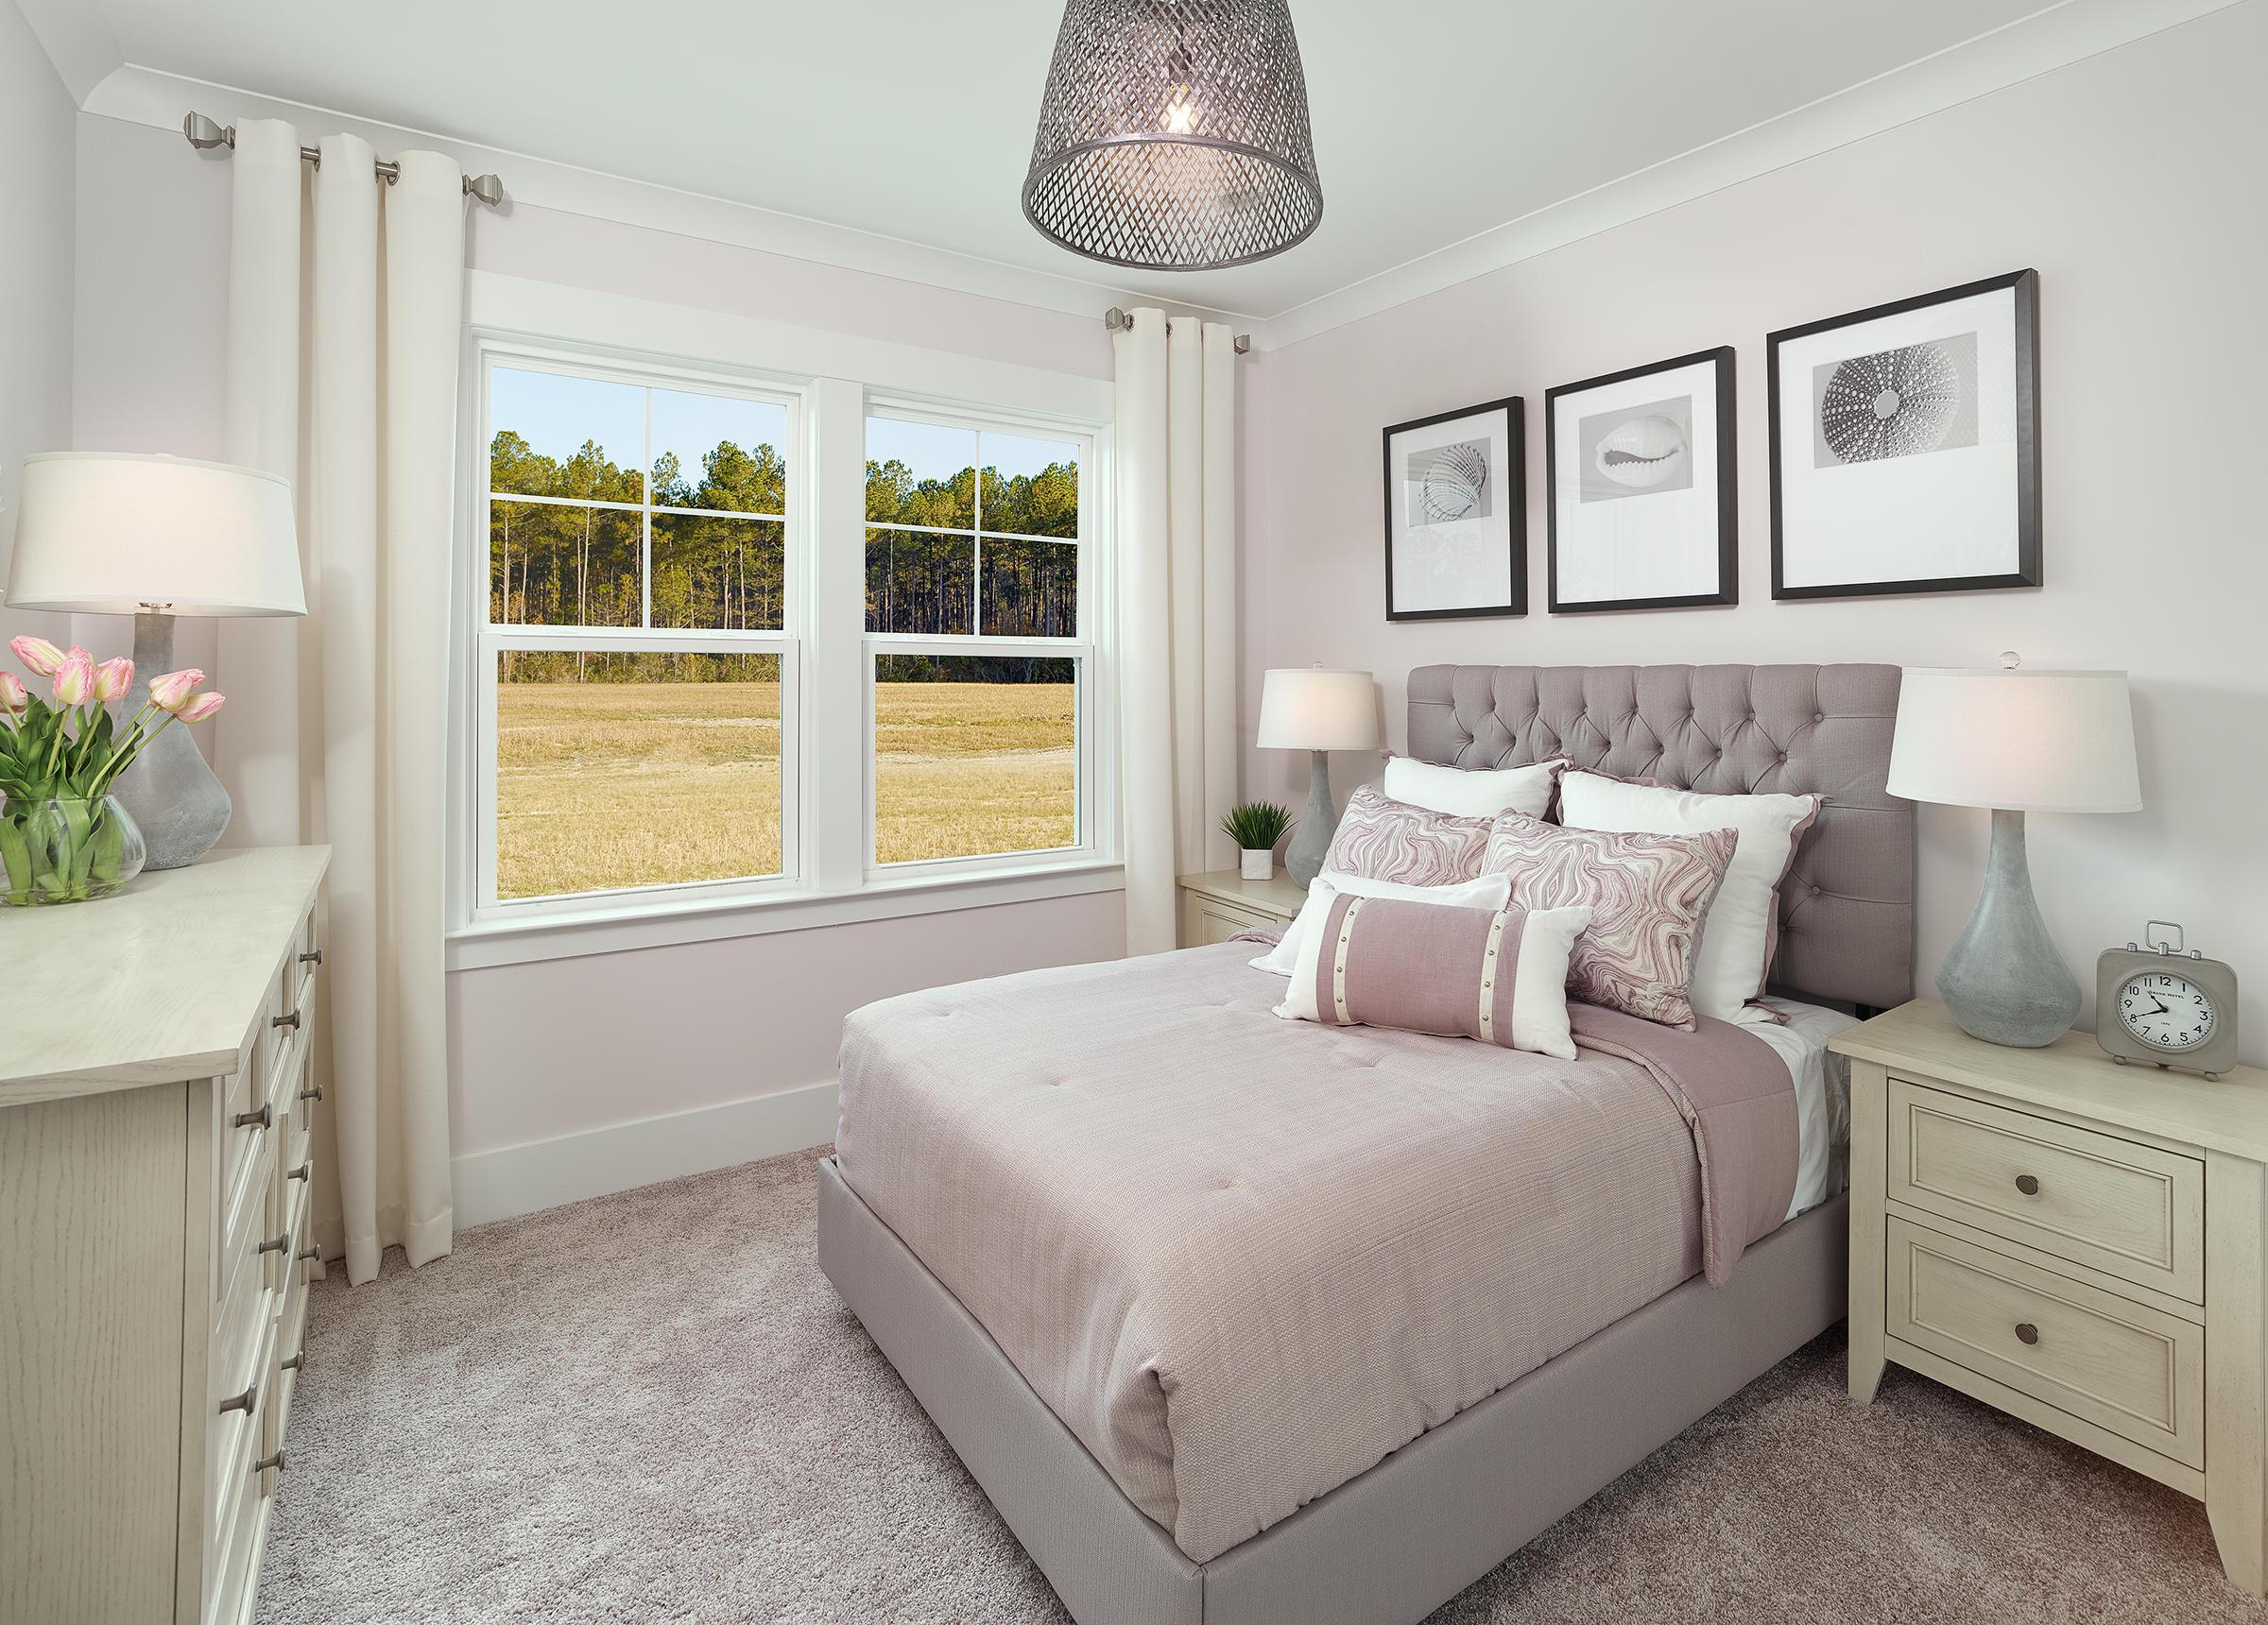 Dunes West Homes For Sale - 2406 Brackish, Mount Pleasant, SC - 5